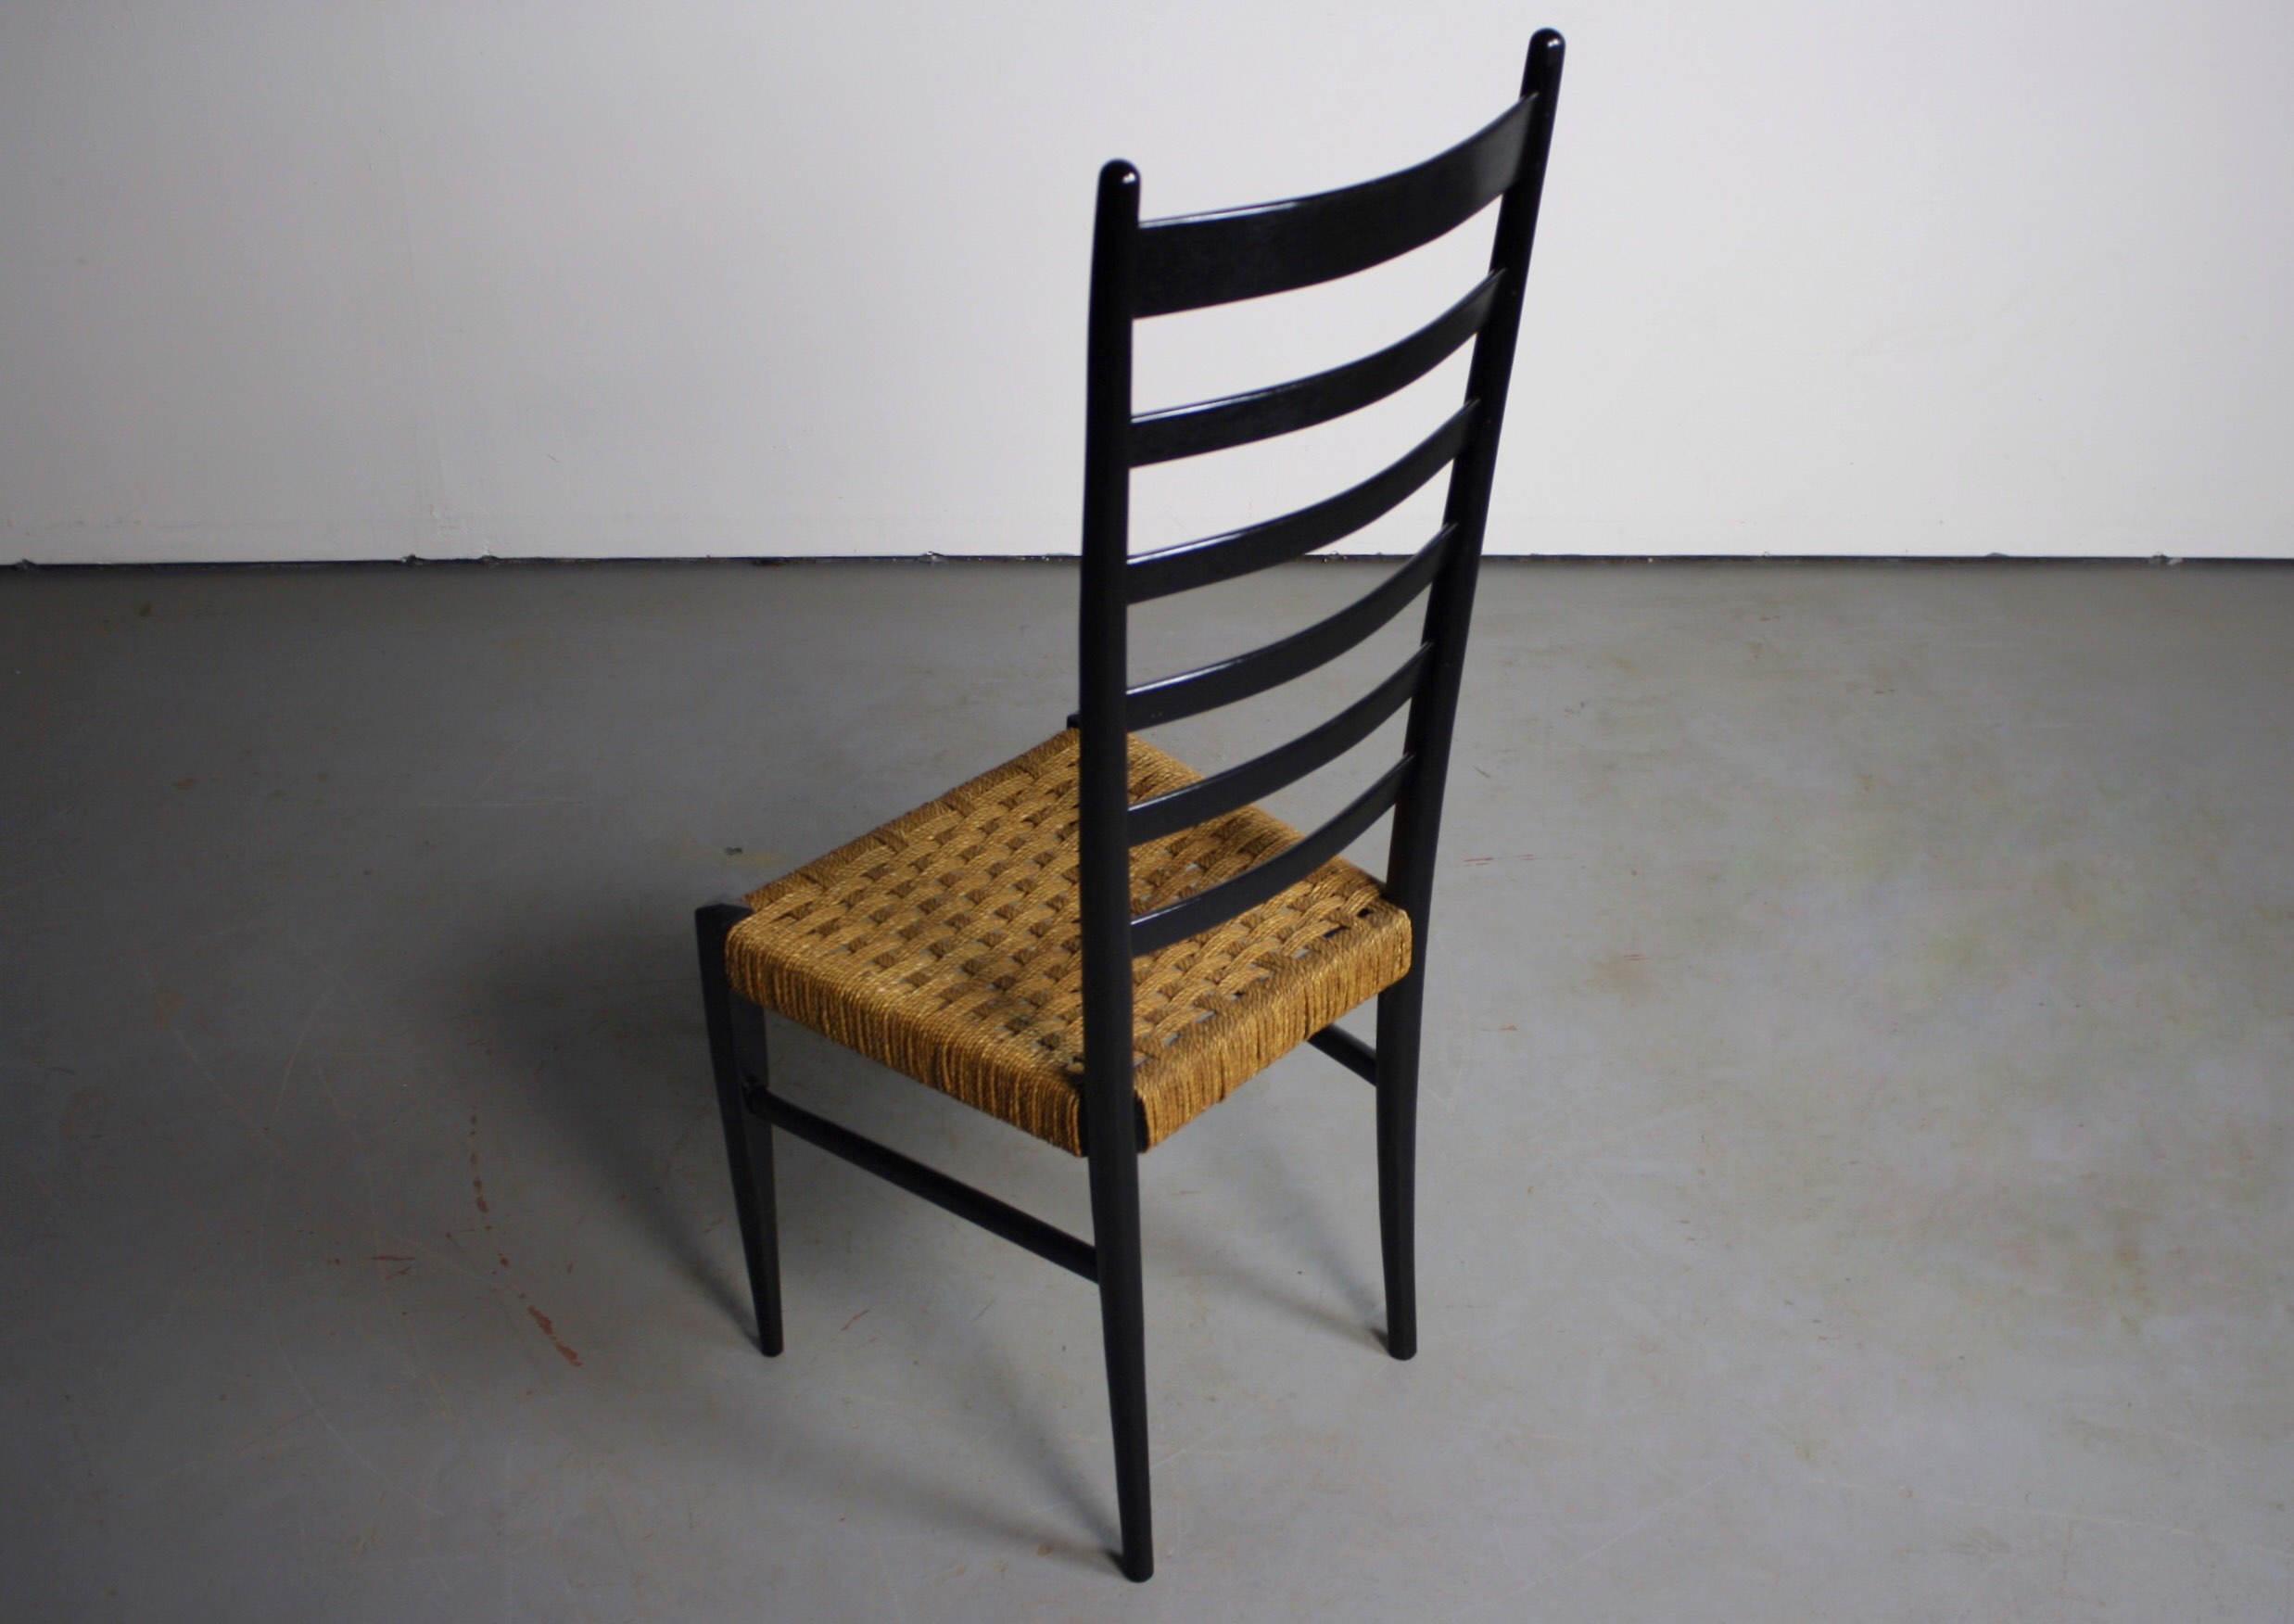 Gio Ponti Italian Modern Woven Rope Seat U0026 Ladderback Chair   Image 3 ...